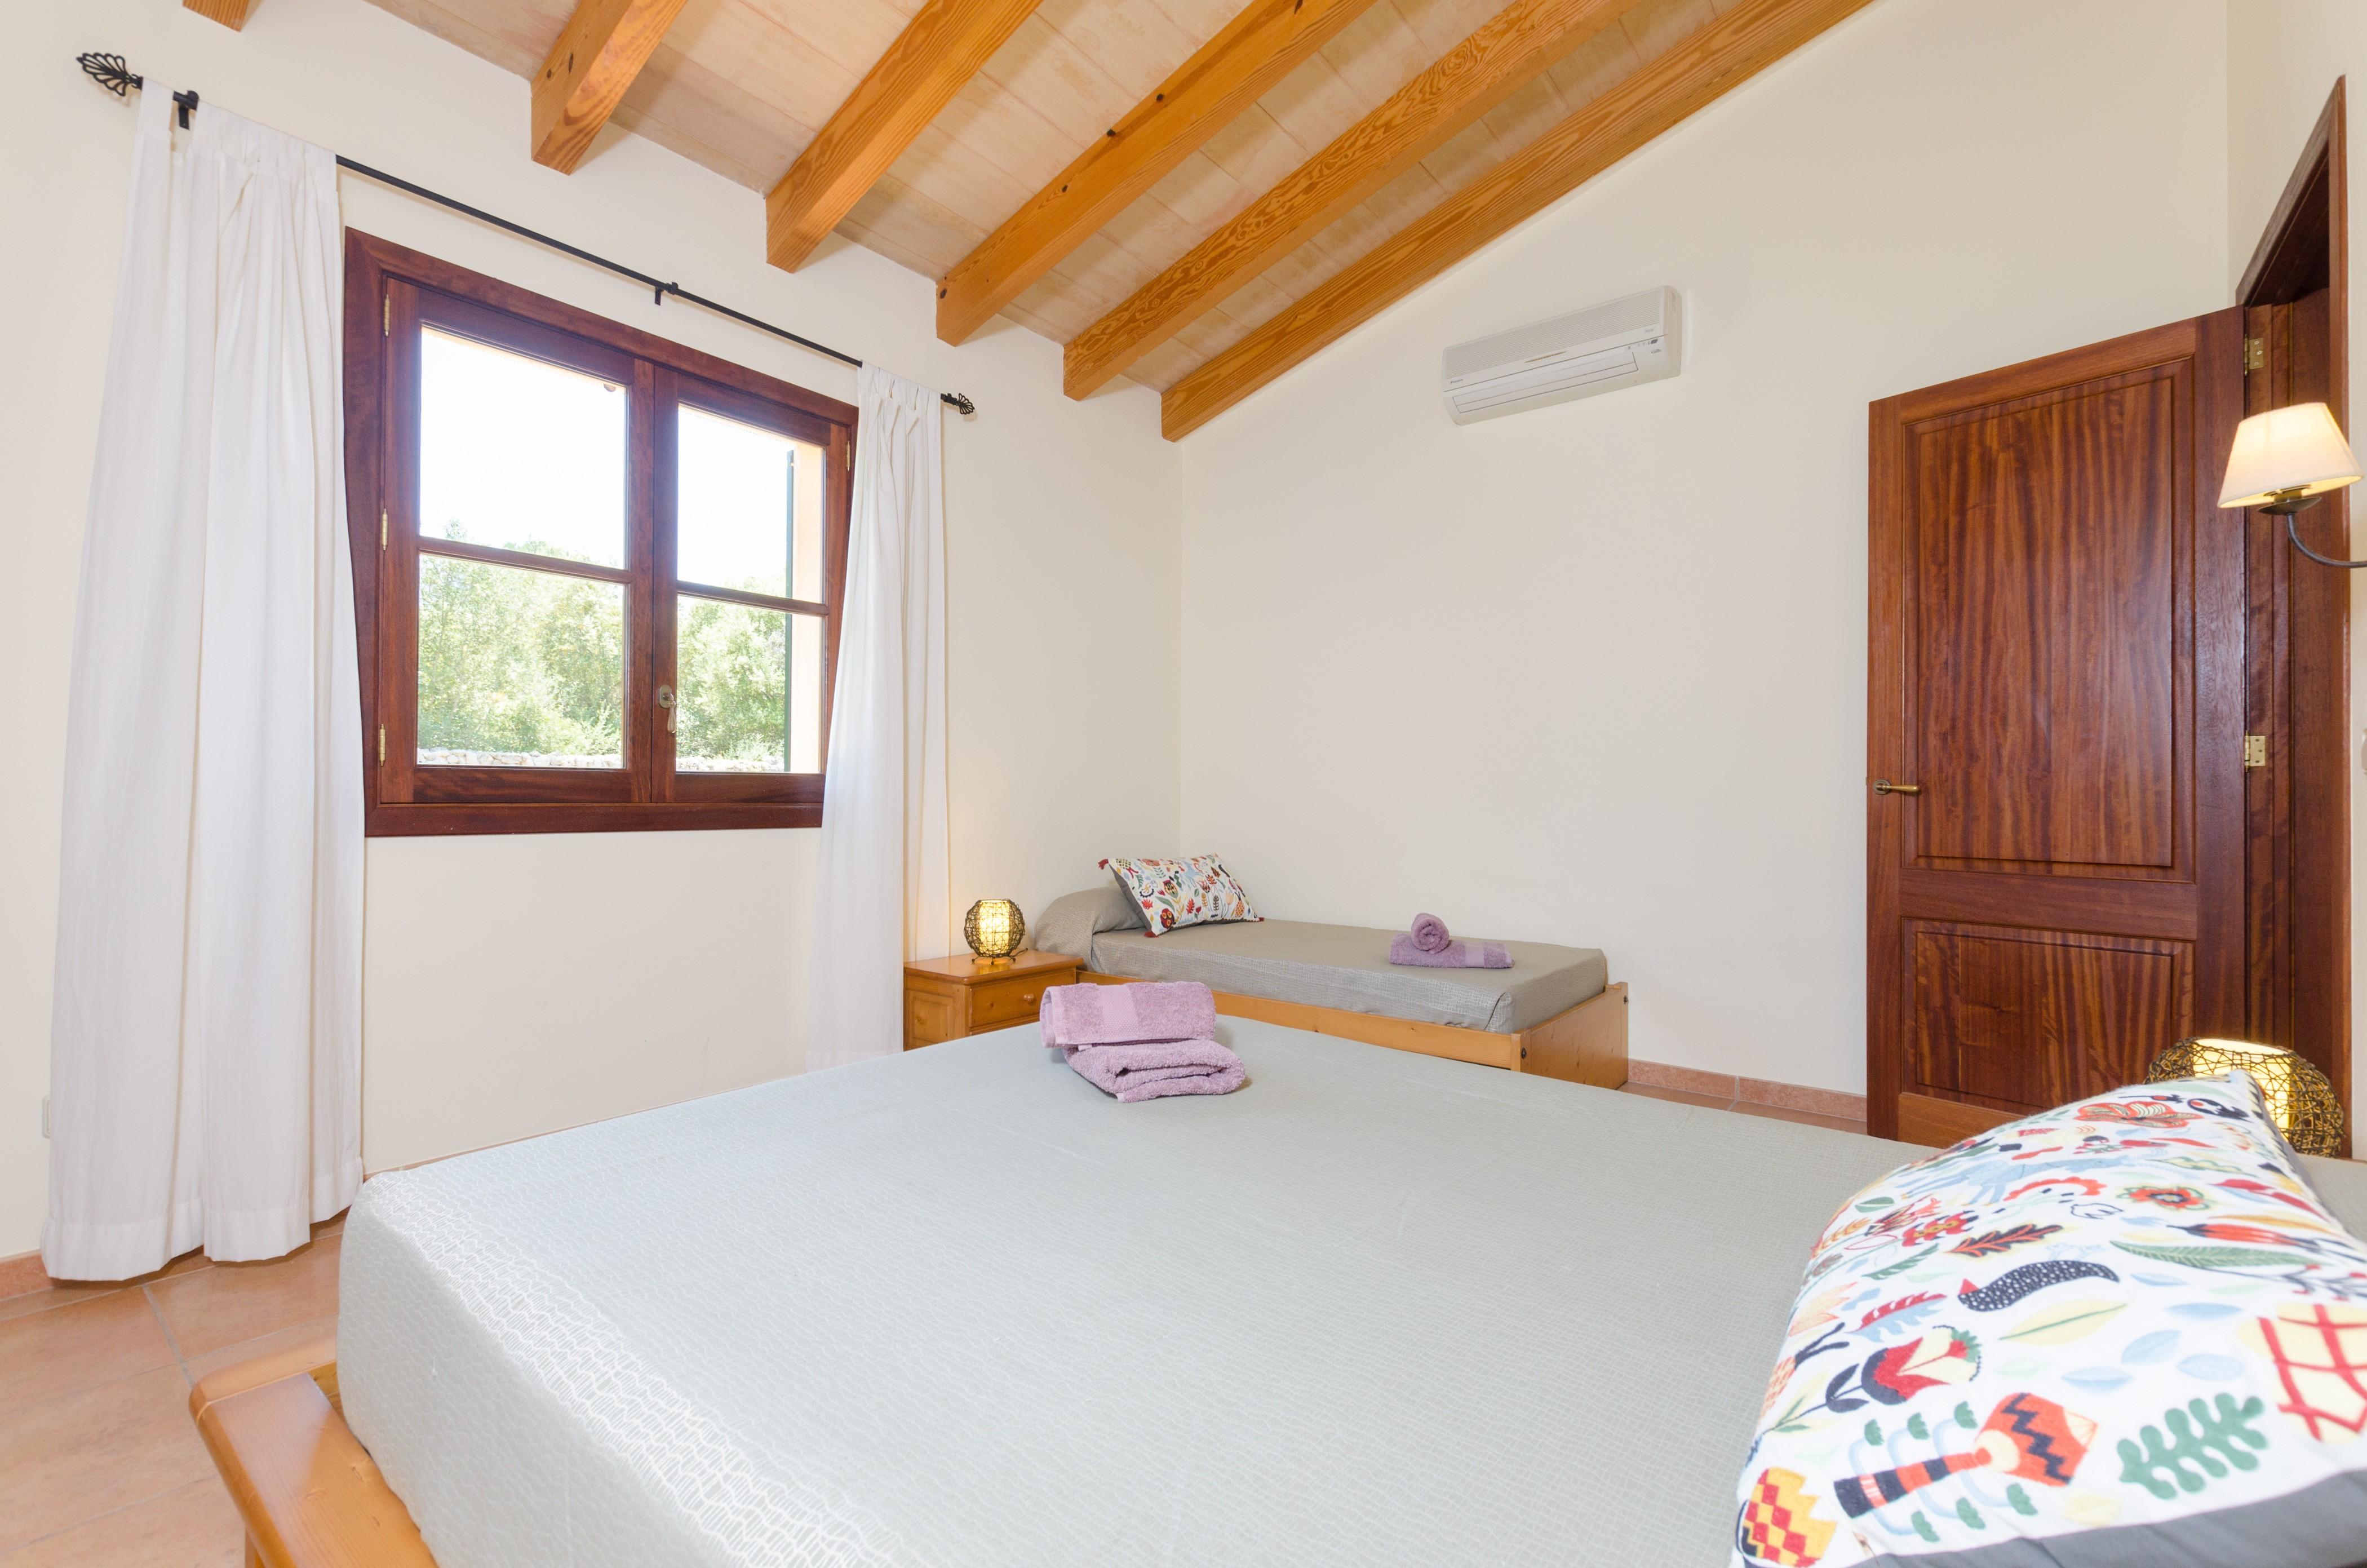 Maison de vacances ES VEDAT (2632993), Lloret de Vistalegre, Majorque, Iles Baléares, Espagne, image 25